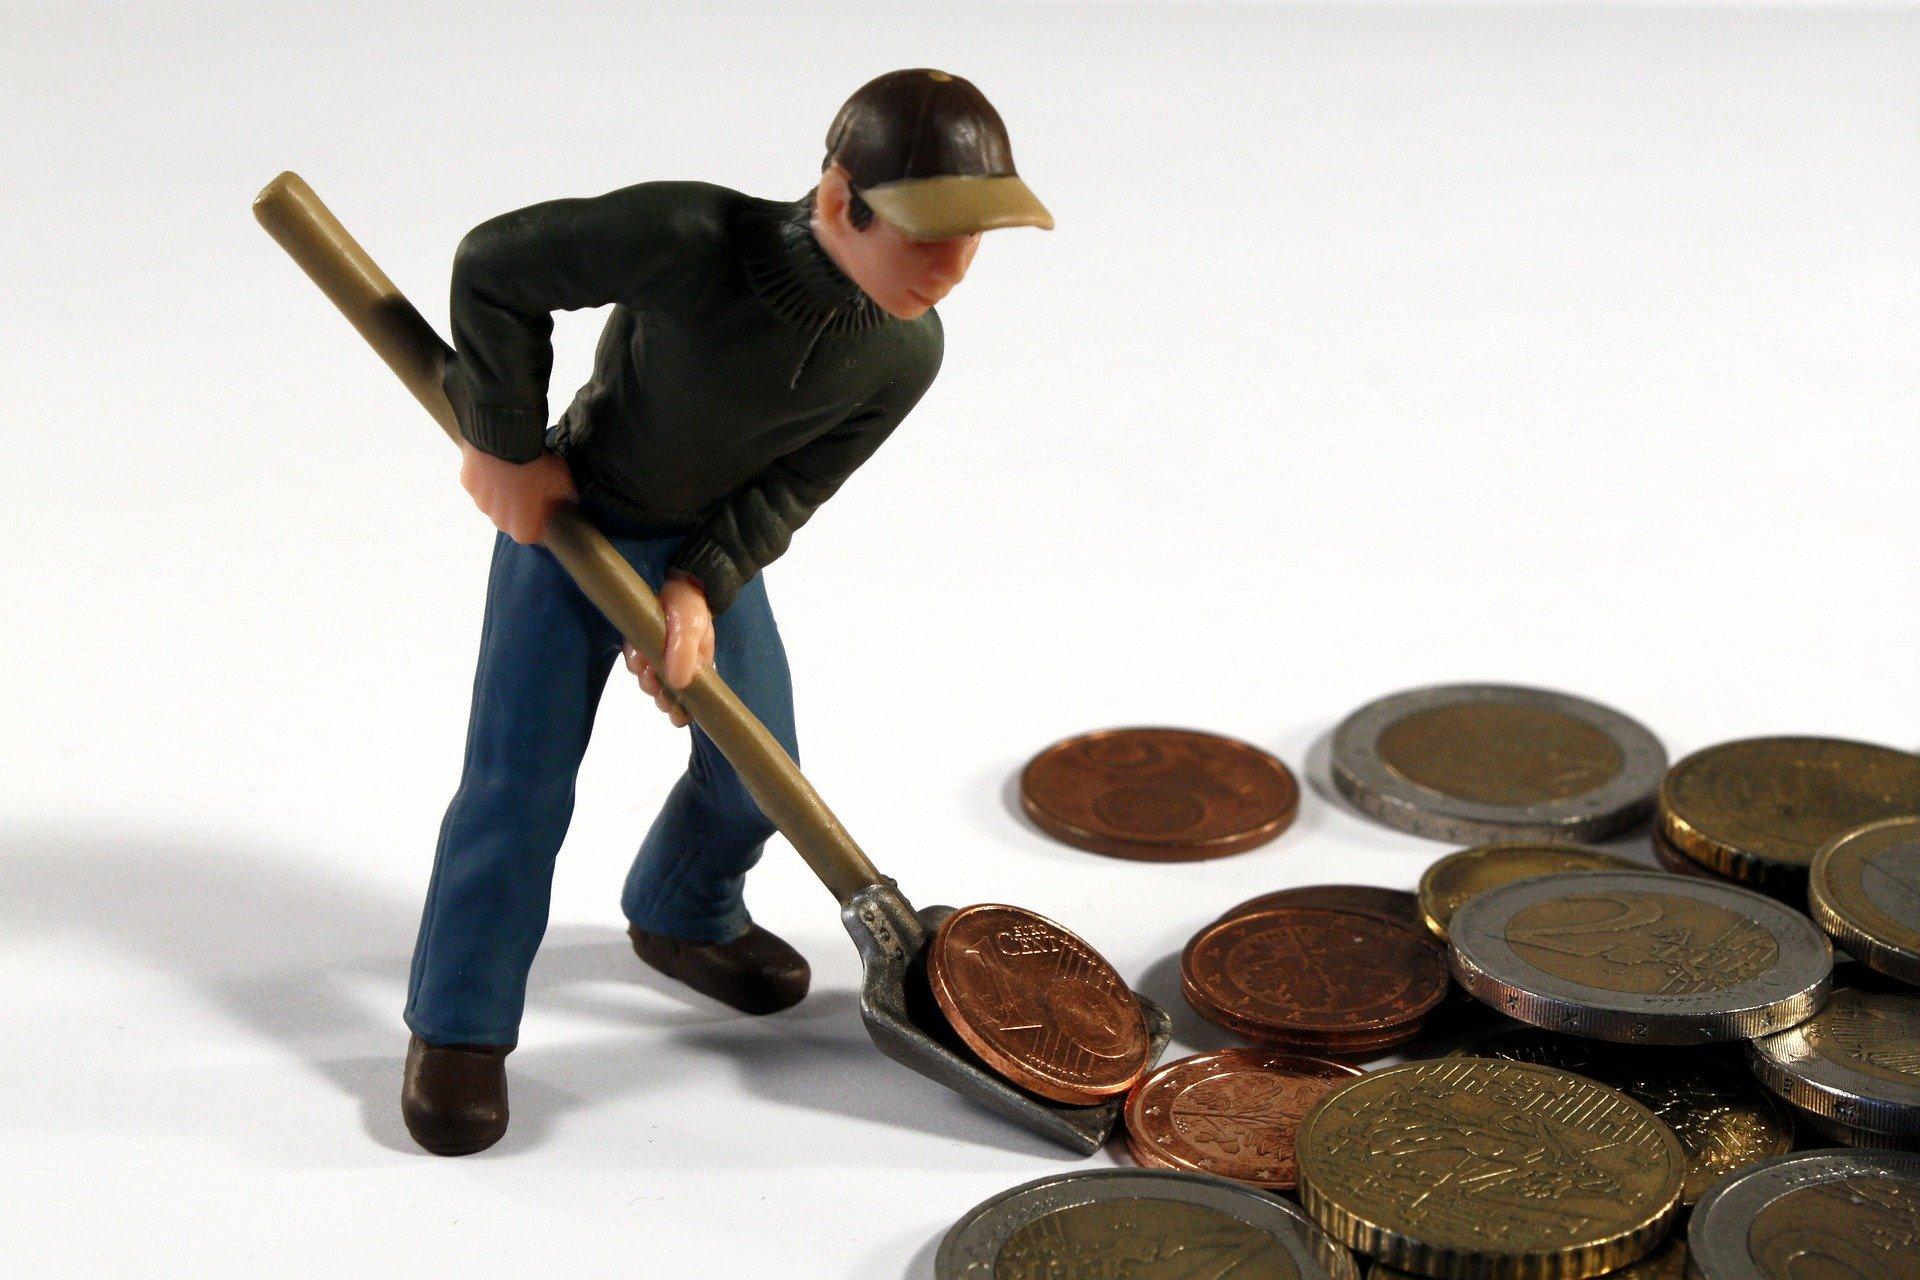 Aantal mensen met betalingsproblemen op krediet daalt ondanks corona